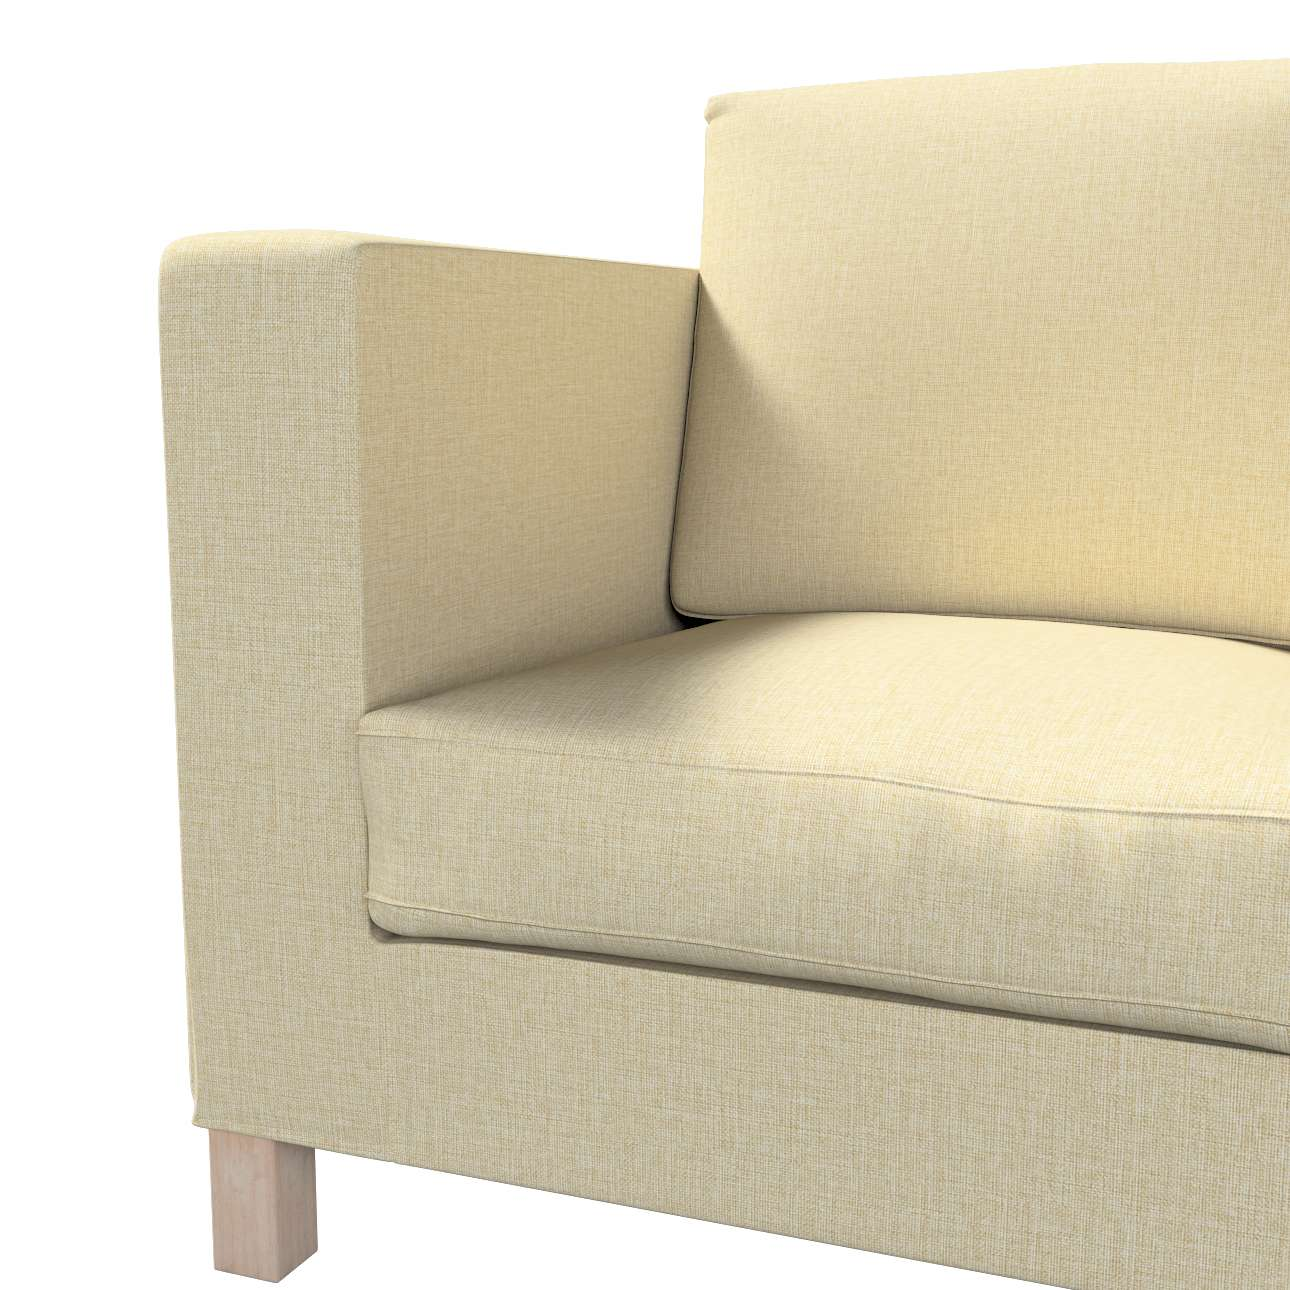 Bezug für Karlanda 3-Sitzer Sofa nicht ausklappbar, kurz von der Kollektion Living, Stoff: 161-45